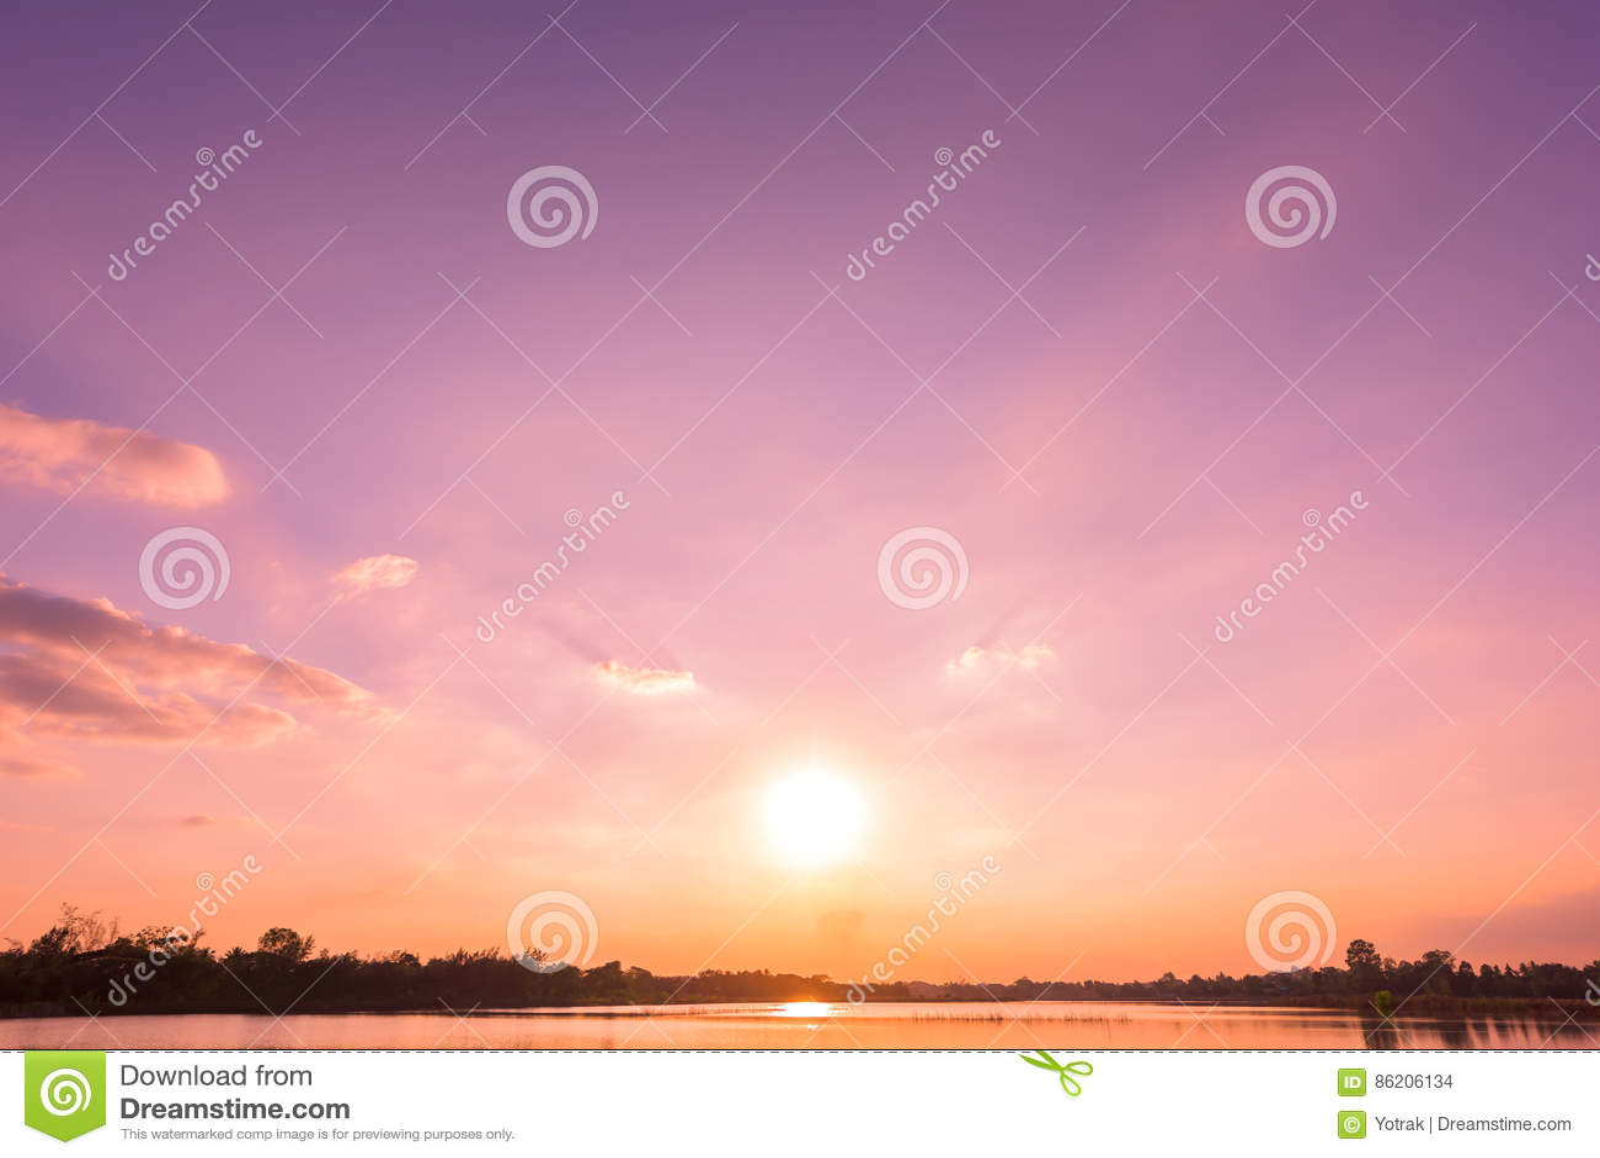 Sunset Sky Background Stock Photo Image Of Shore Evening 86206134